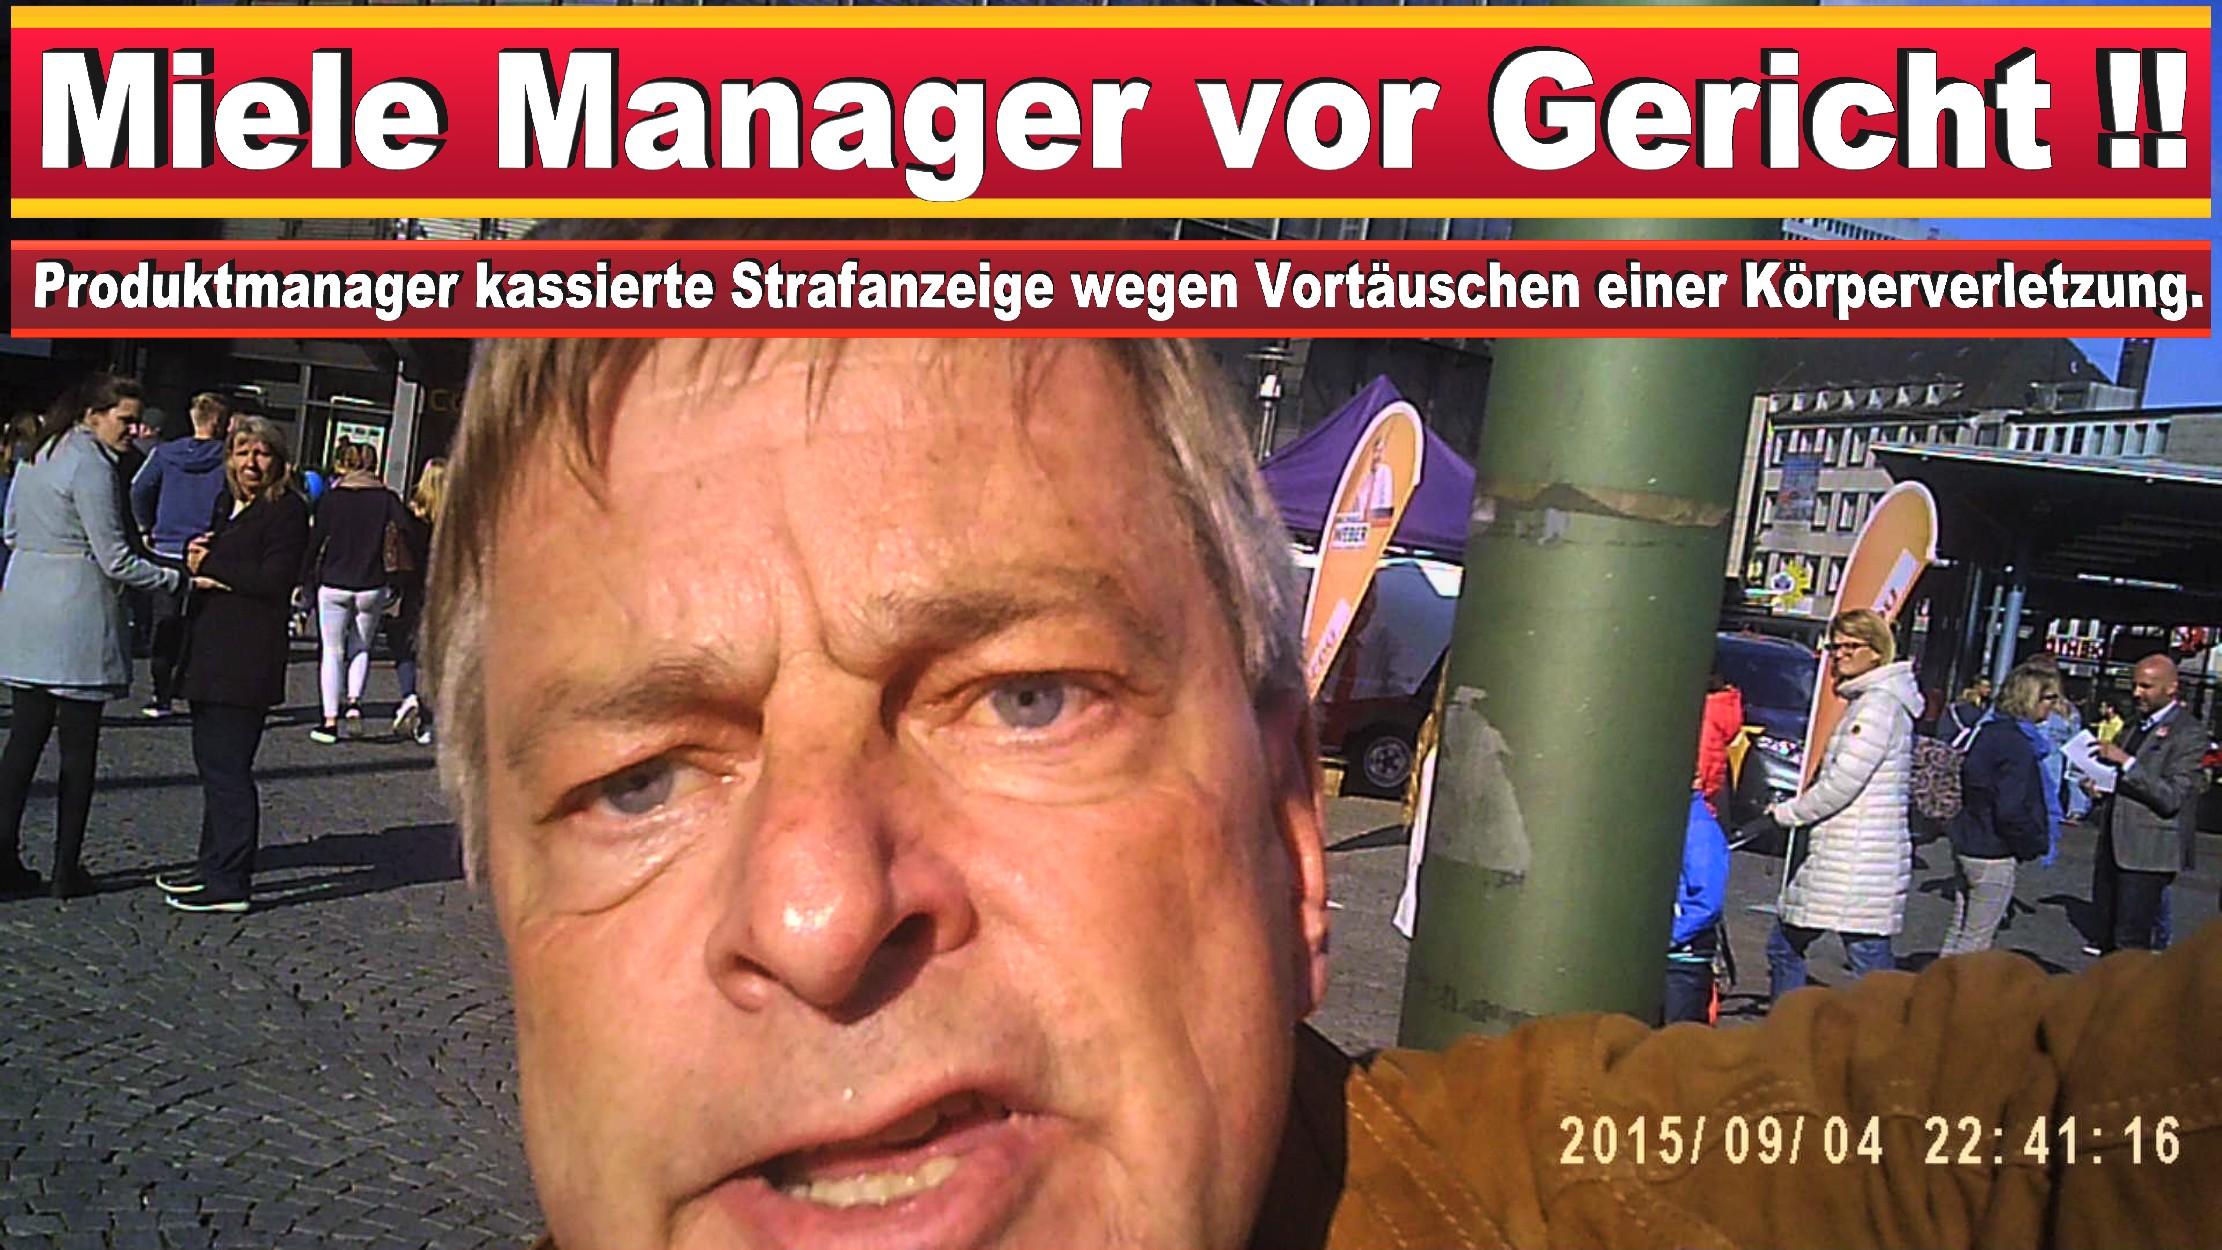 MICHAEL WEBER CDU BIELEFELD GEWALTAUSBRUCH UND STRAFANZEIGE (8)